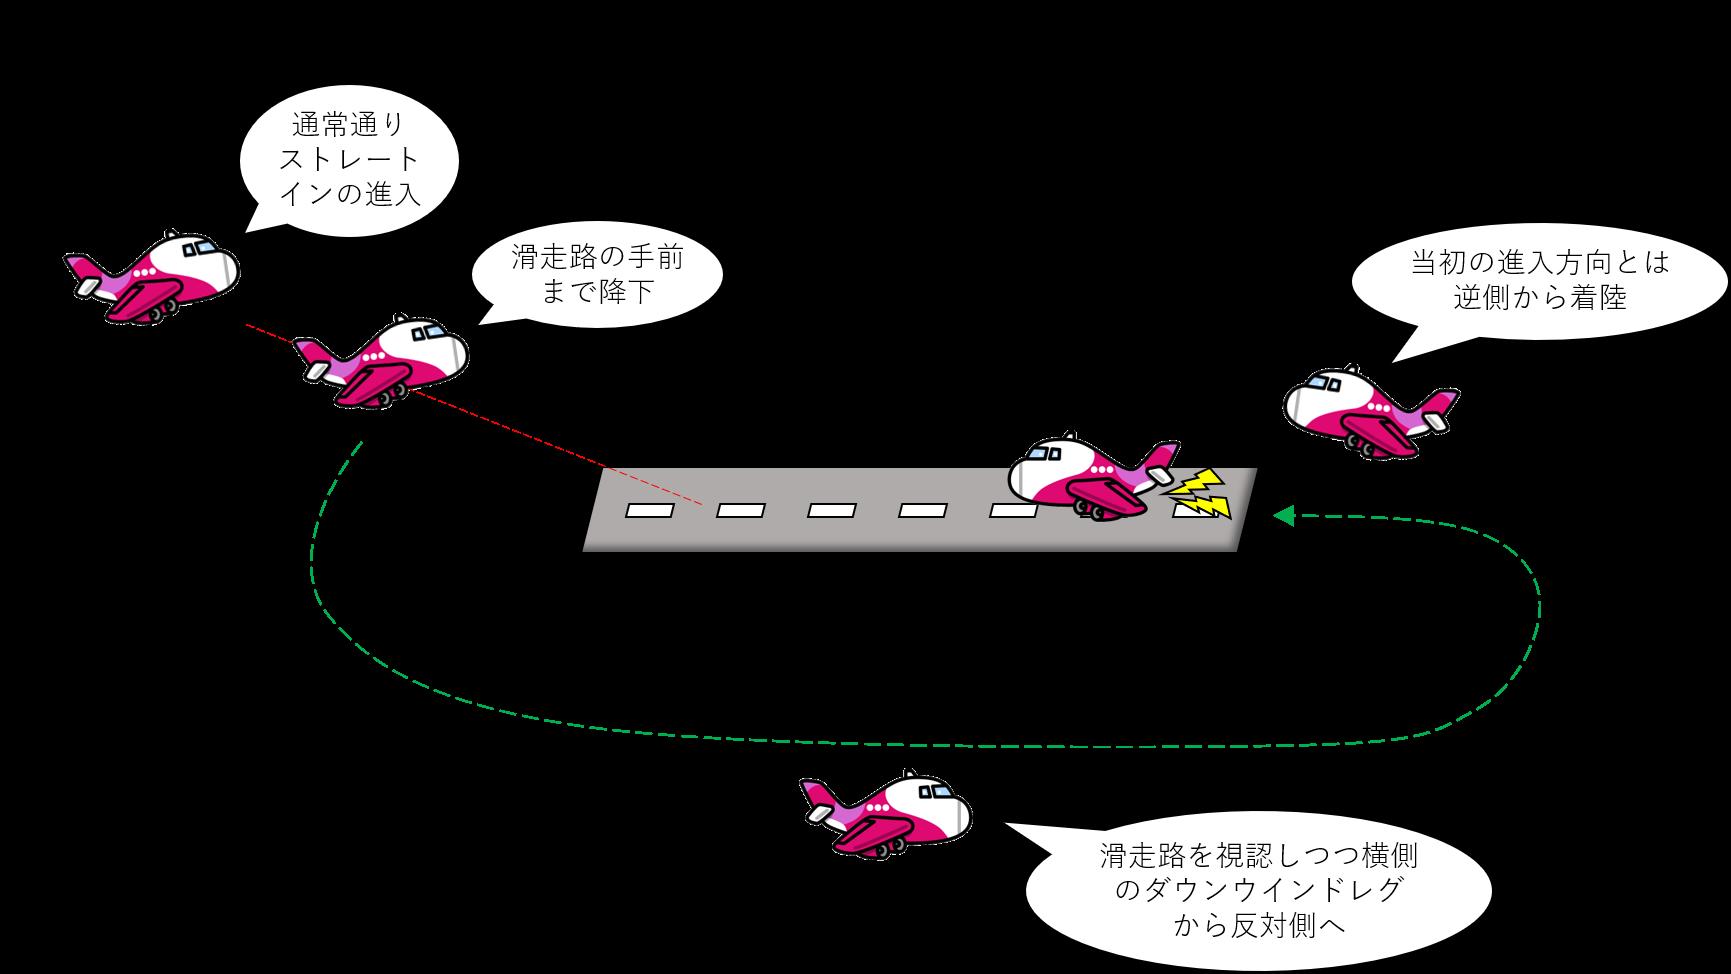 サークリングアプローチのイメージ